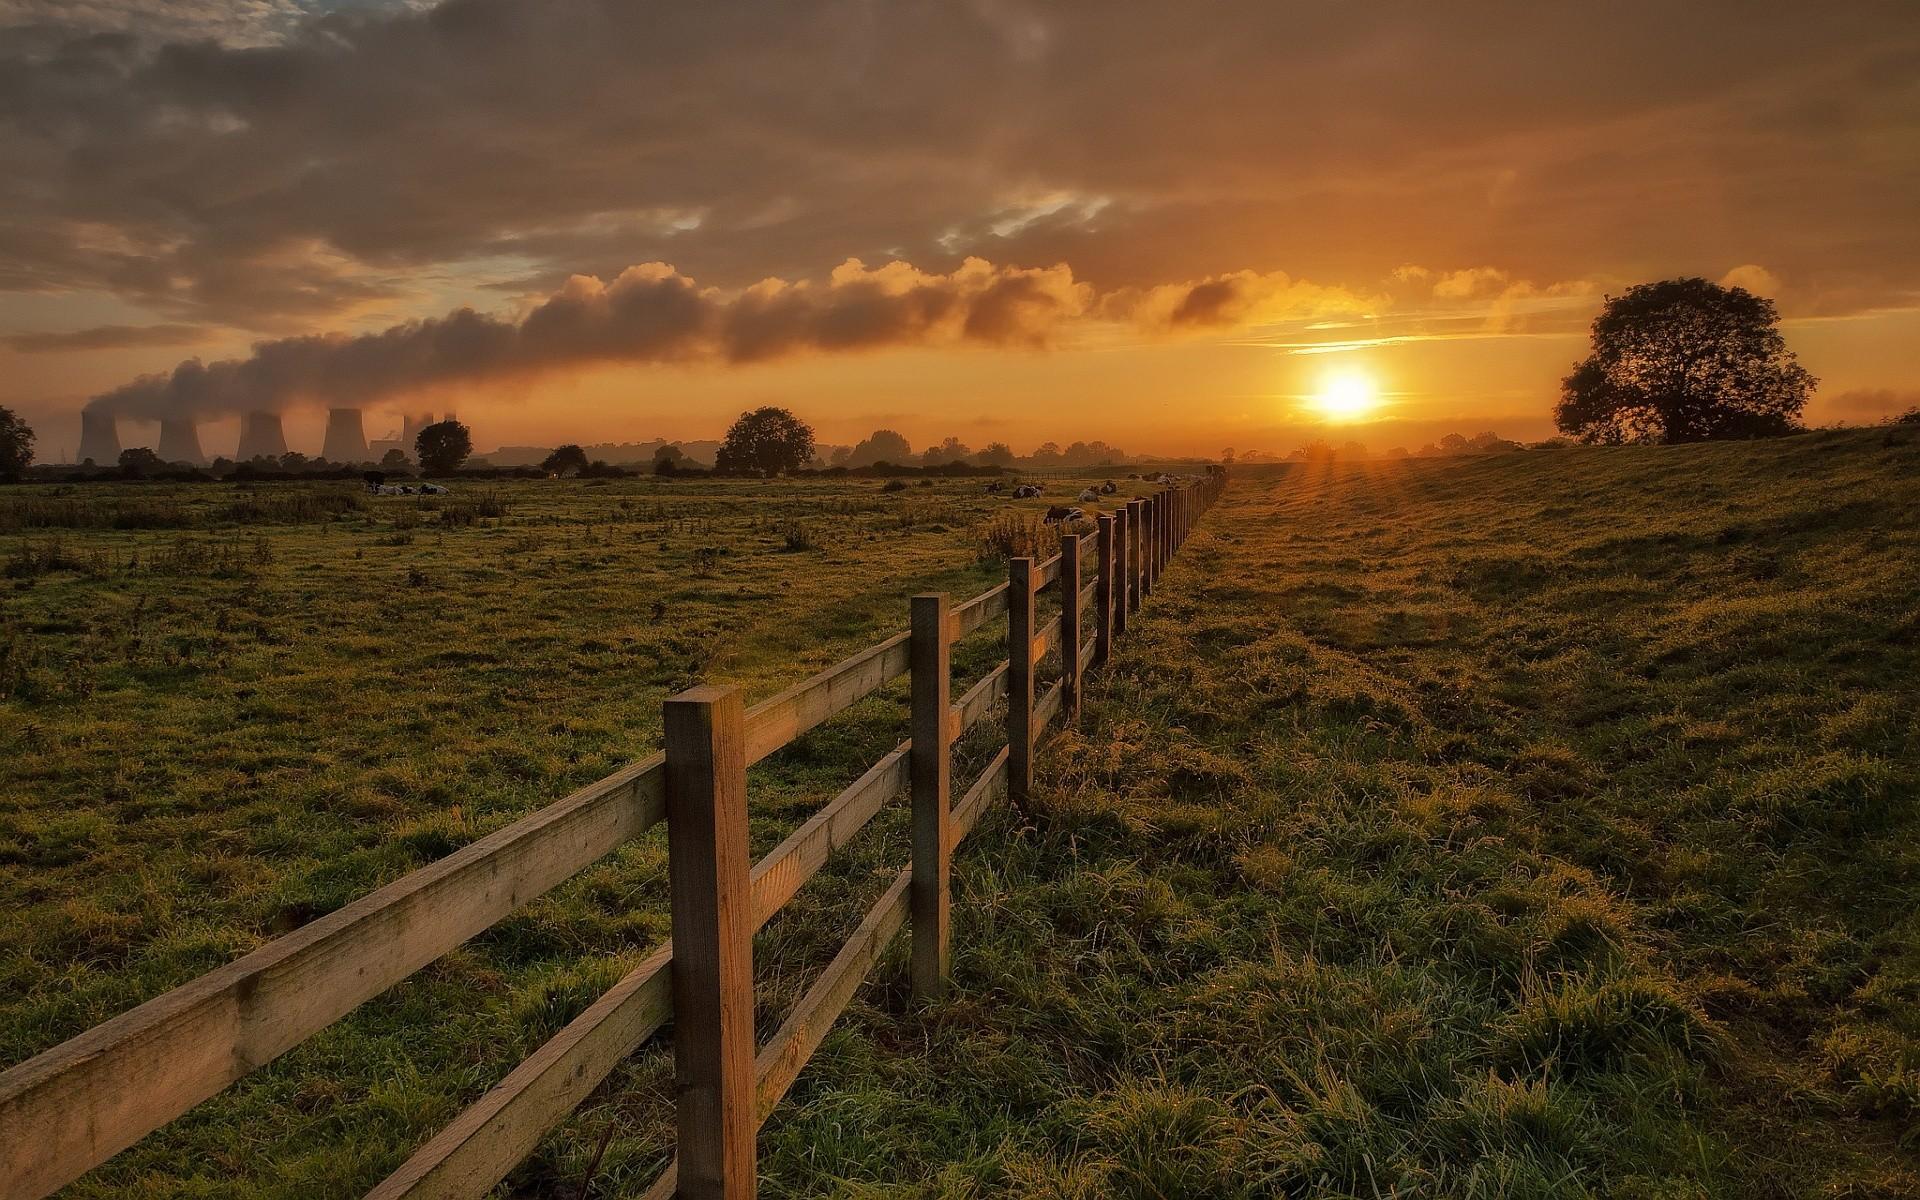 Top Landscape Desktop Backgrounds: Landscape Sunset Background HD .